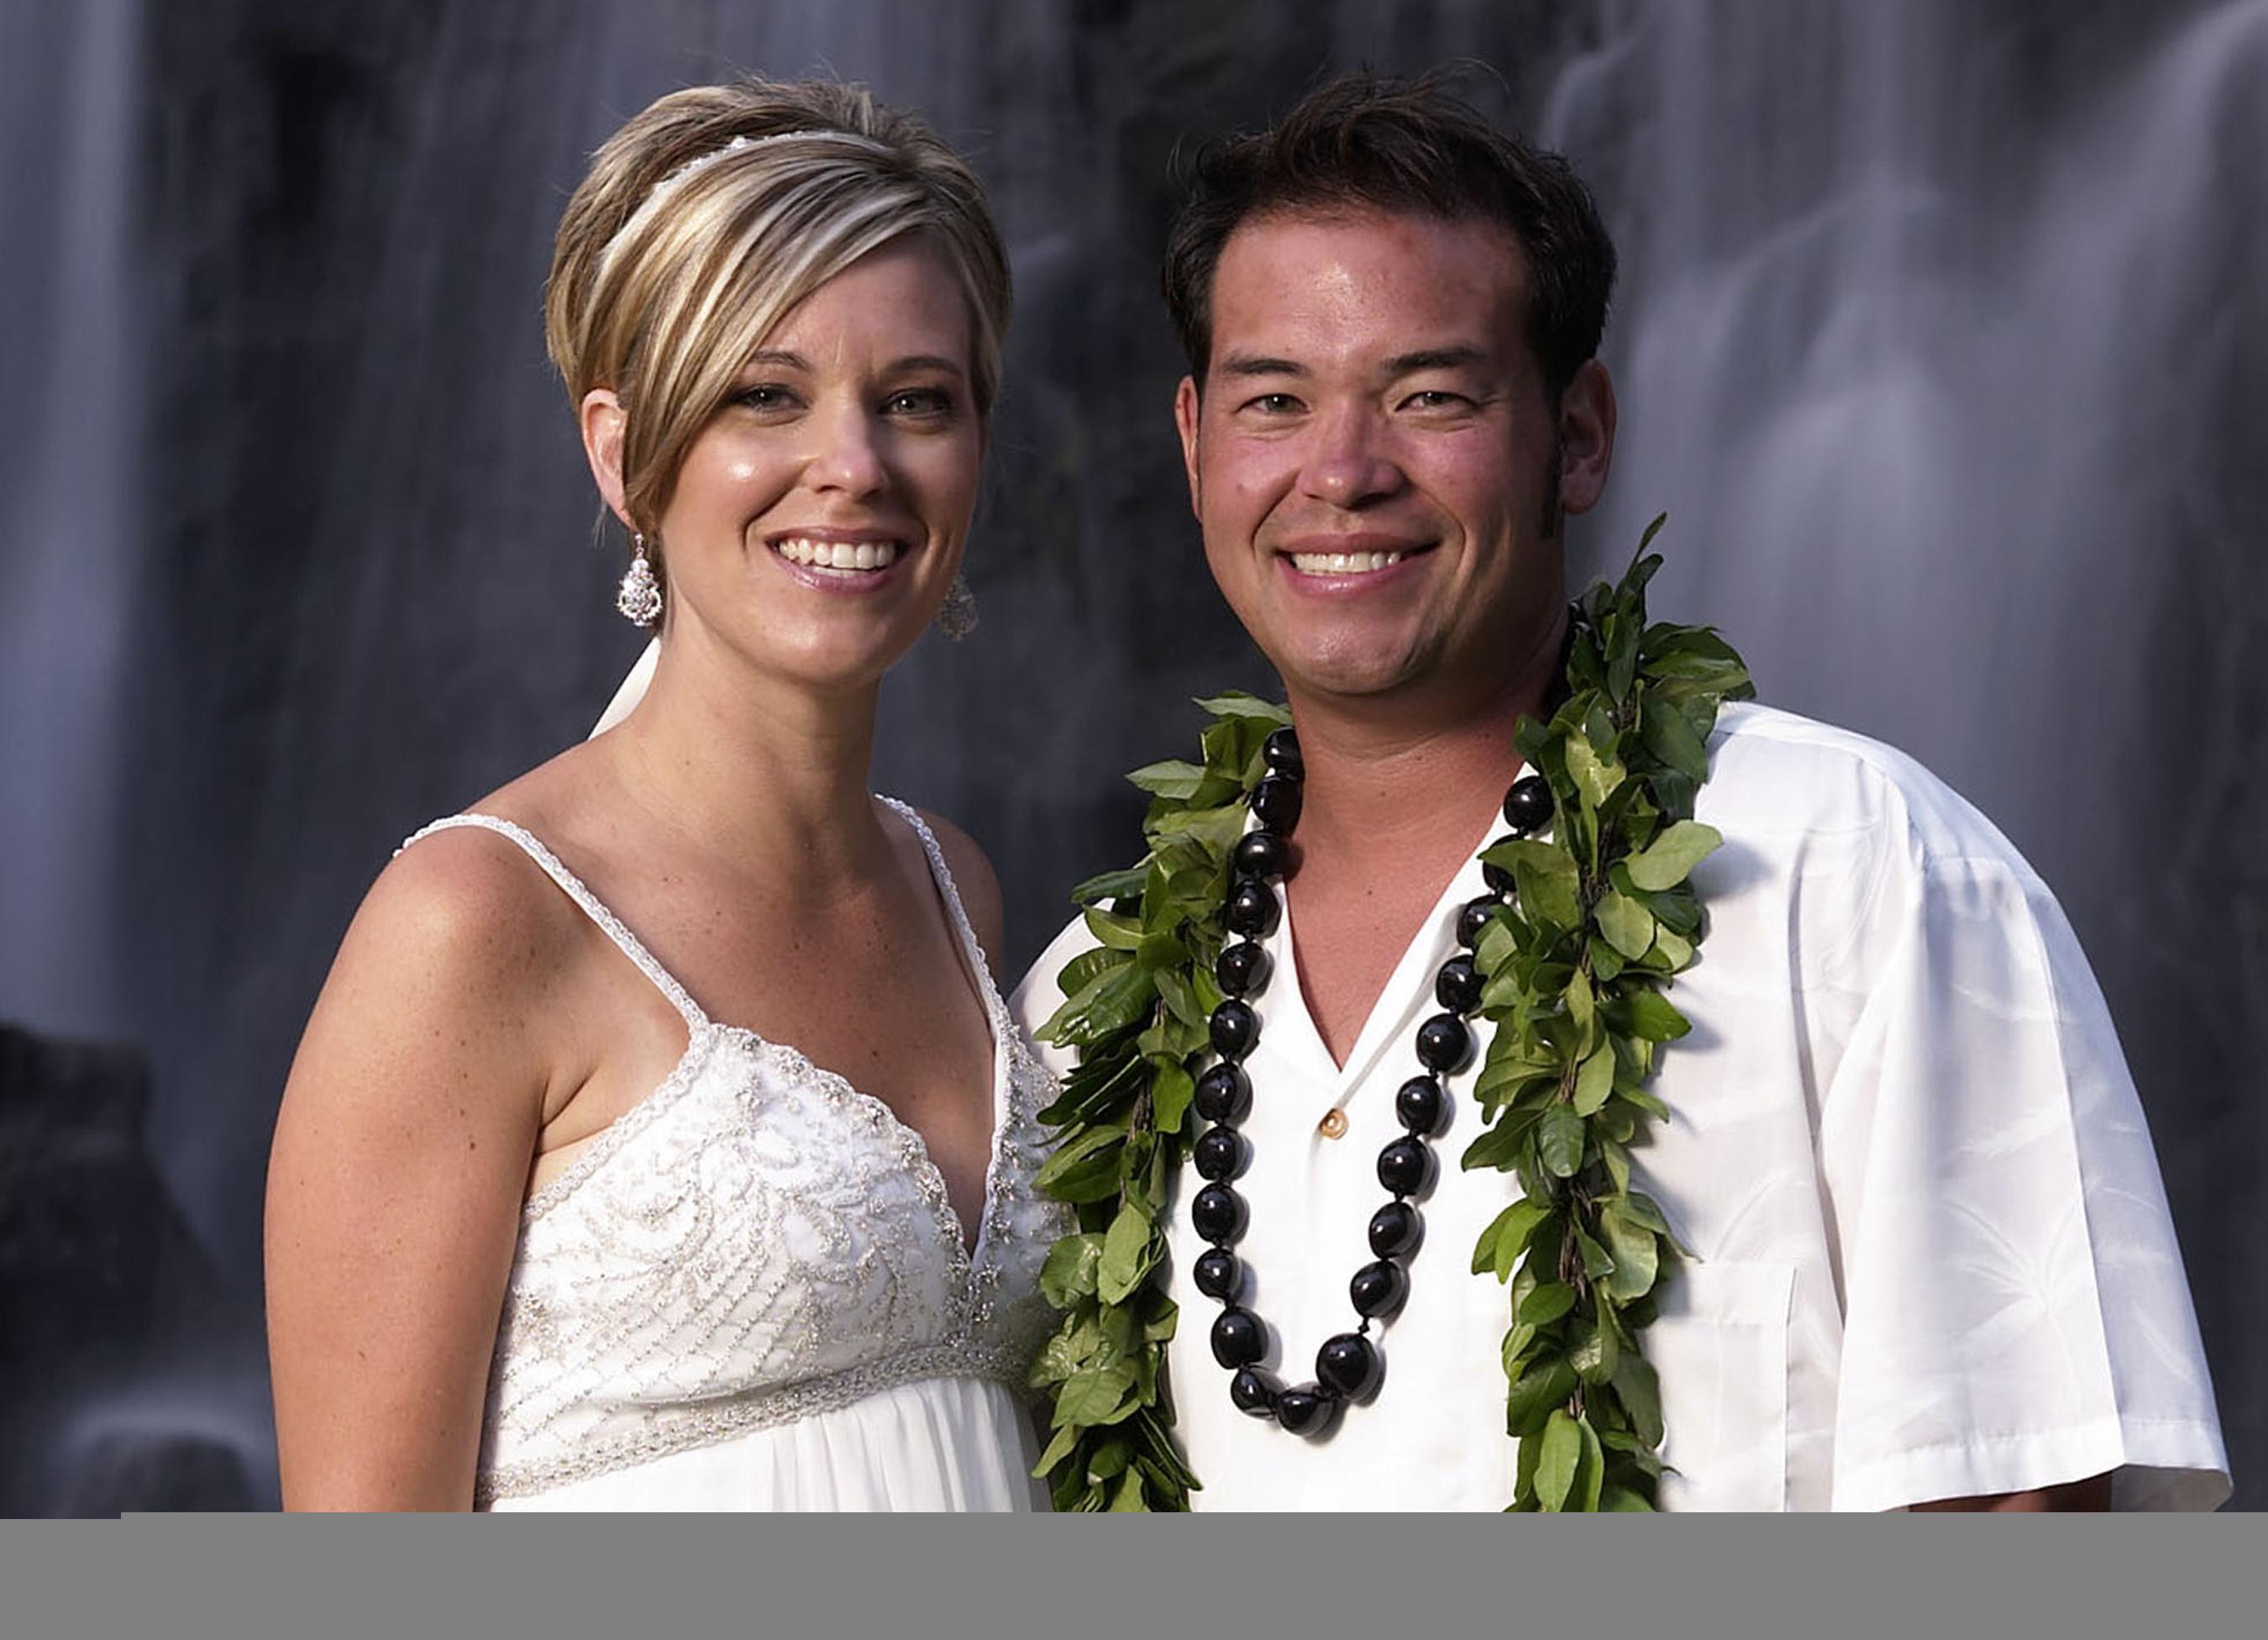 Jon Gosselin and Kate Gosselin had an open marriage